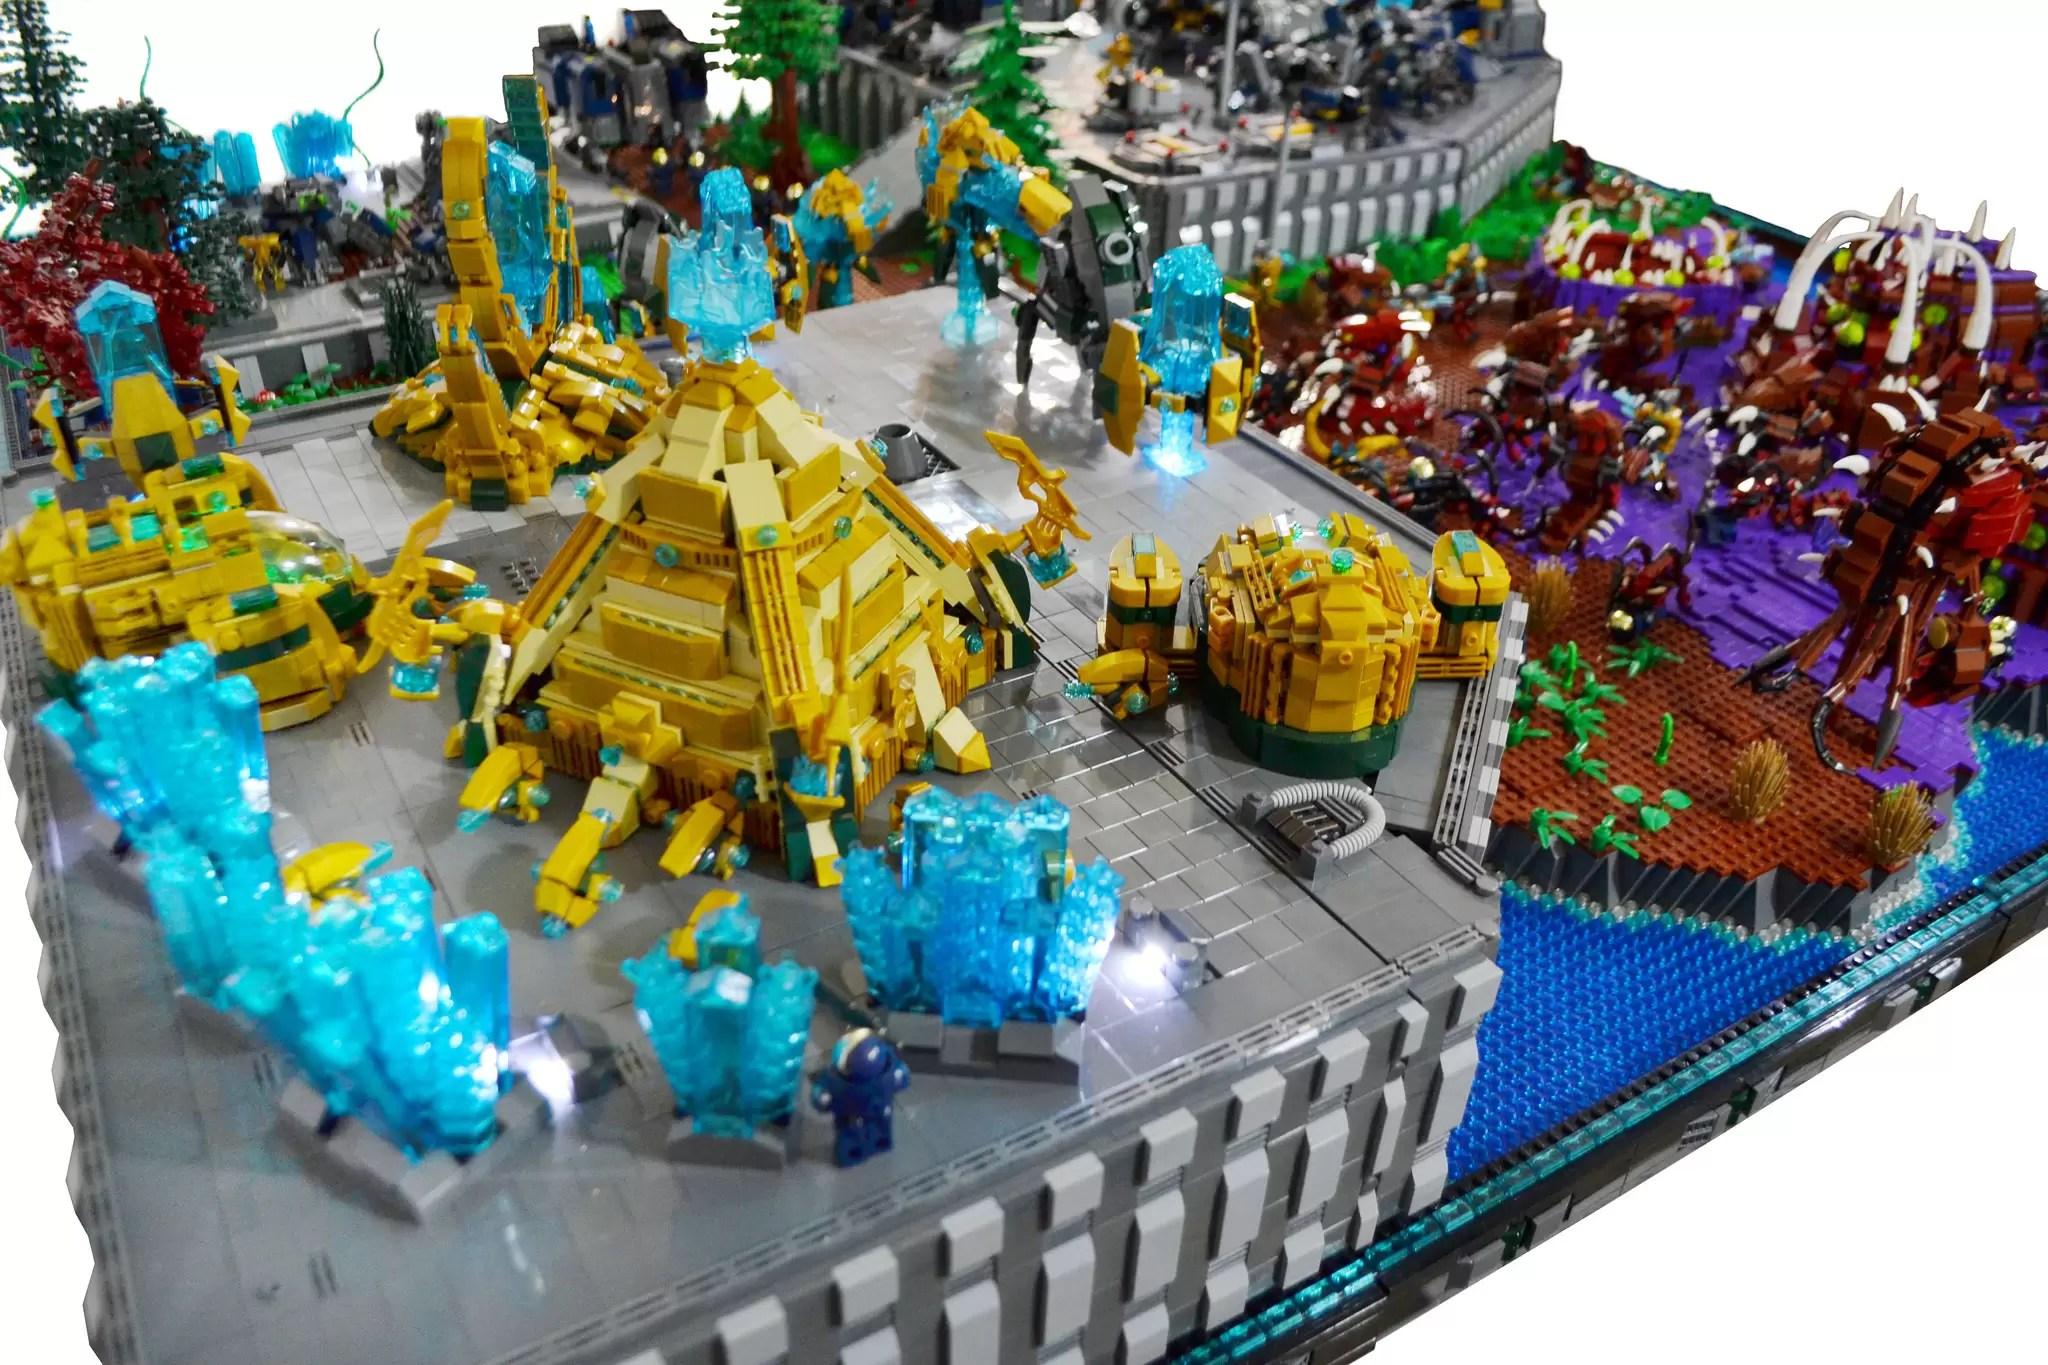 Pogledajte fenomenalnu StarCraft 2 lego kolekciju